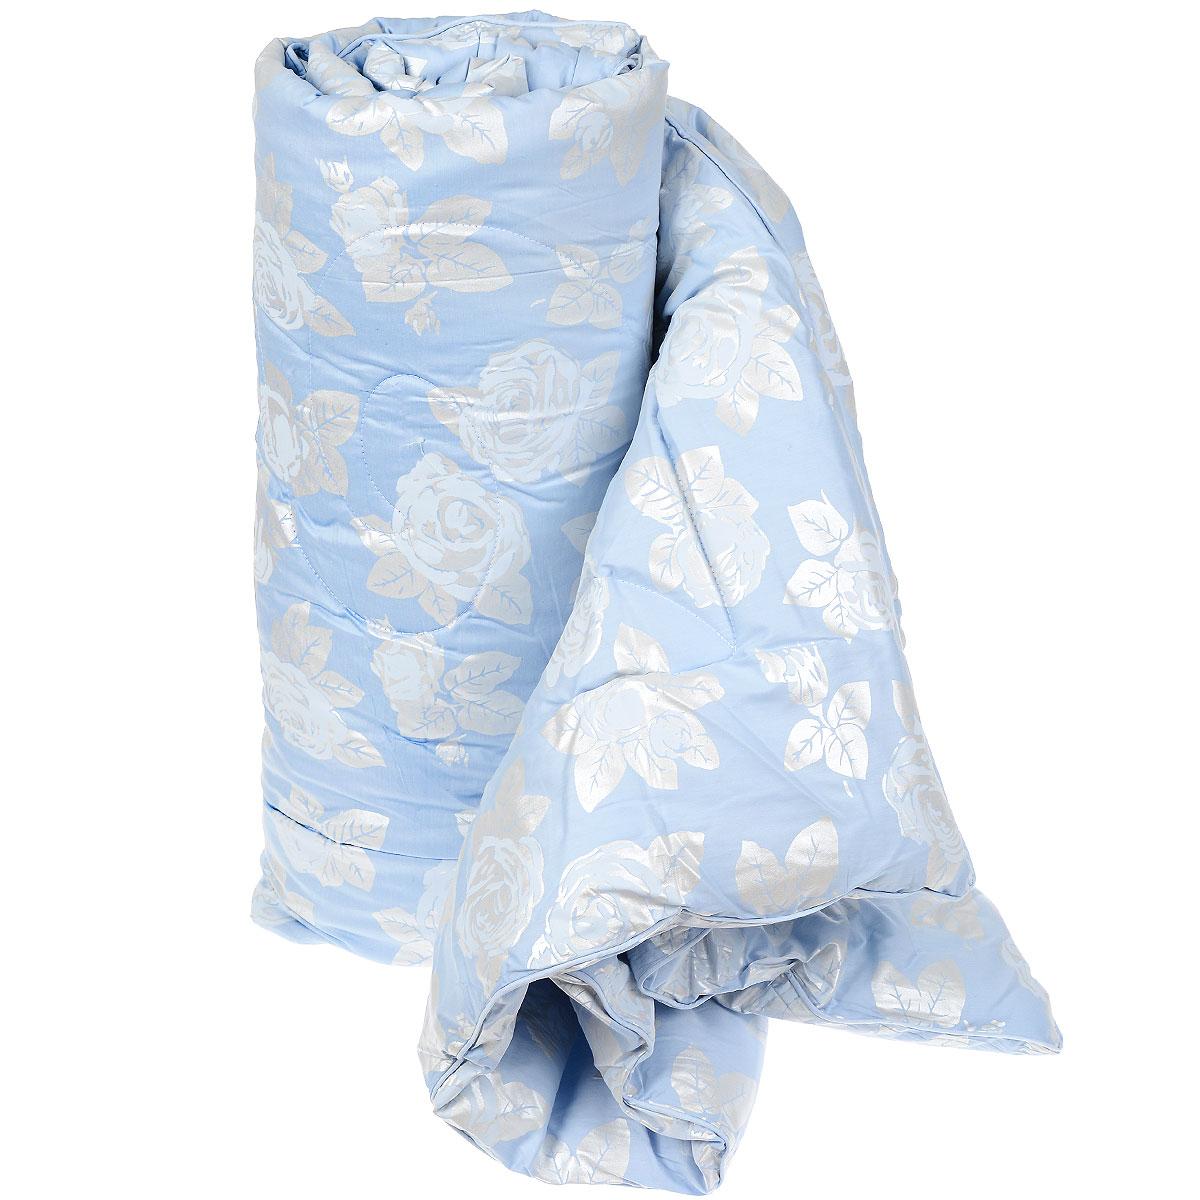 Одеяло Лебяжий пух, наполнитель: полиэстер, цвет: голубой, 200 см х 220 см121818106 голубойЛегкое одеяло Лебяжий пух выполнено из натурального хлопка и украшено эксклюзивным тисненым рисунком в виде цветов и листьев. Наполнитель одеяла лебяжий пух - аналог натурального пуха, который представляет собой сверхтонкое микроволокно нового поколения. Важным преимуществом этого наполнителя является гипоаллергенность, что делает его подходящим для детей и взрослых. Одеяло Лебяжий пух не накапливает пыль и запахи. Данное одеяло легко стирается в бытовой стиральной машине, быстро сохнет и надолго сохраняет объем и форму. Материал: 100% хлопок. Наполнитель: лебяжий пух (100% полиэстер).